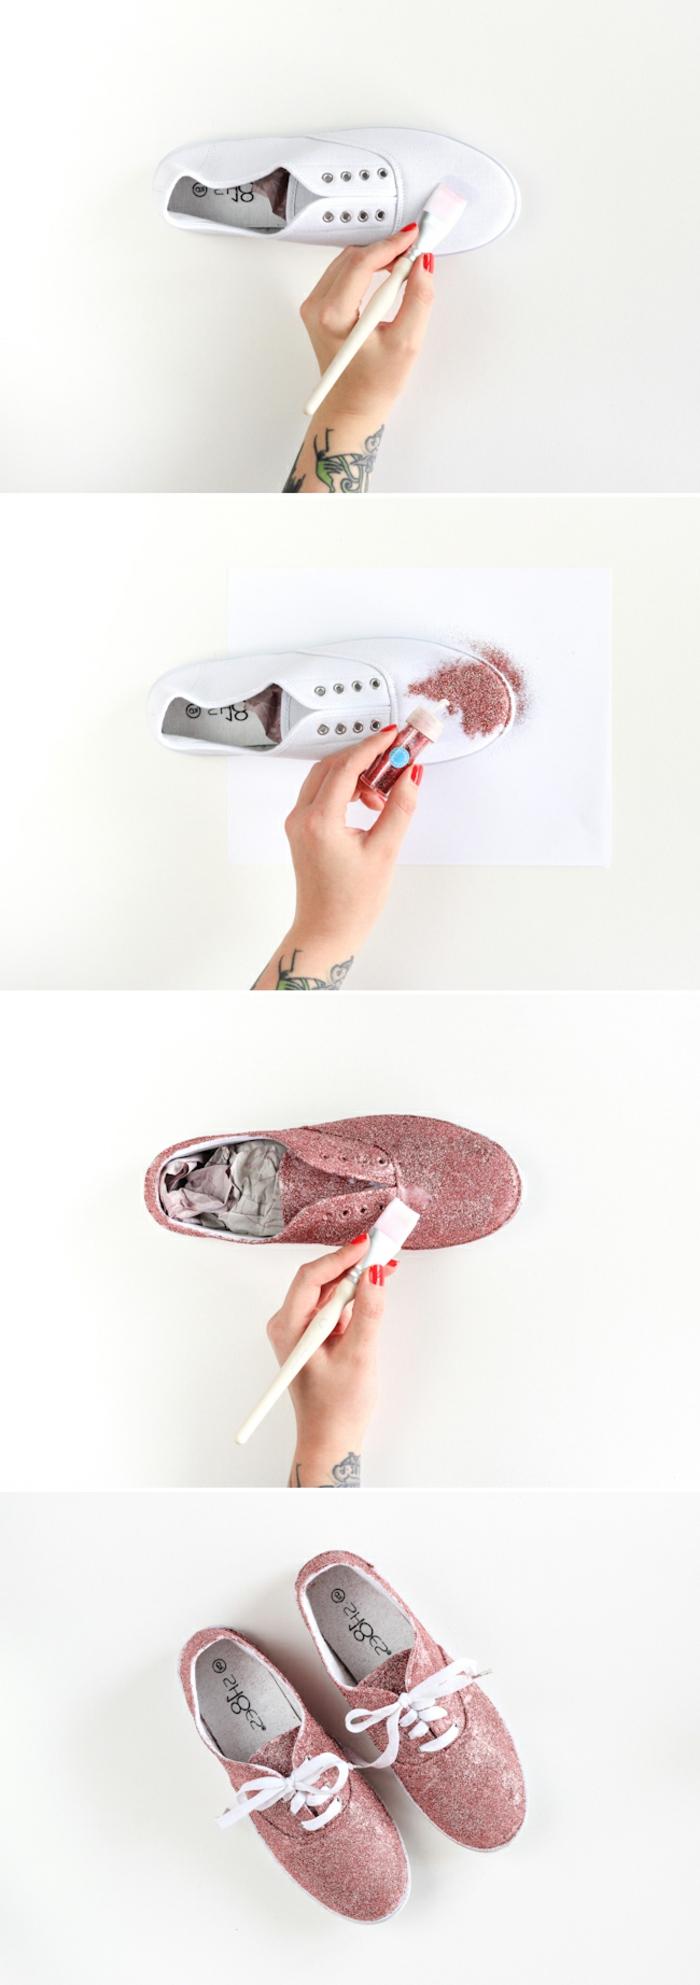 activité créative, comment customiser ses baskets blancs, des paillettes appliquées a l aide de colle, idée de génie bricolage